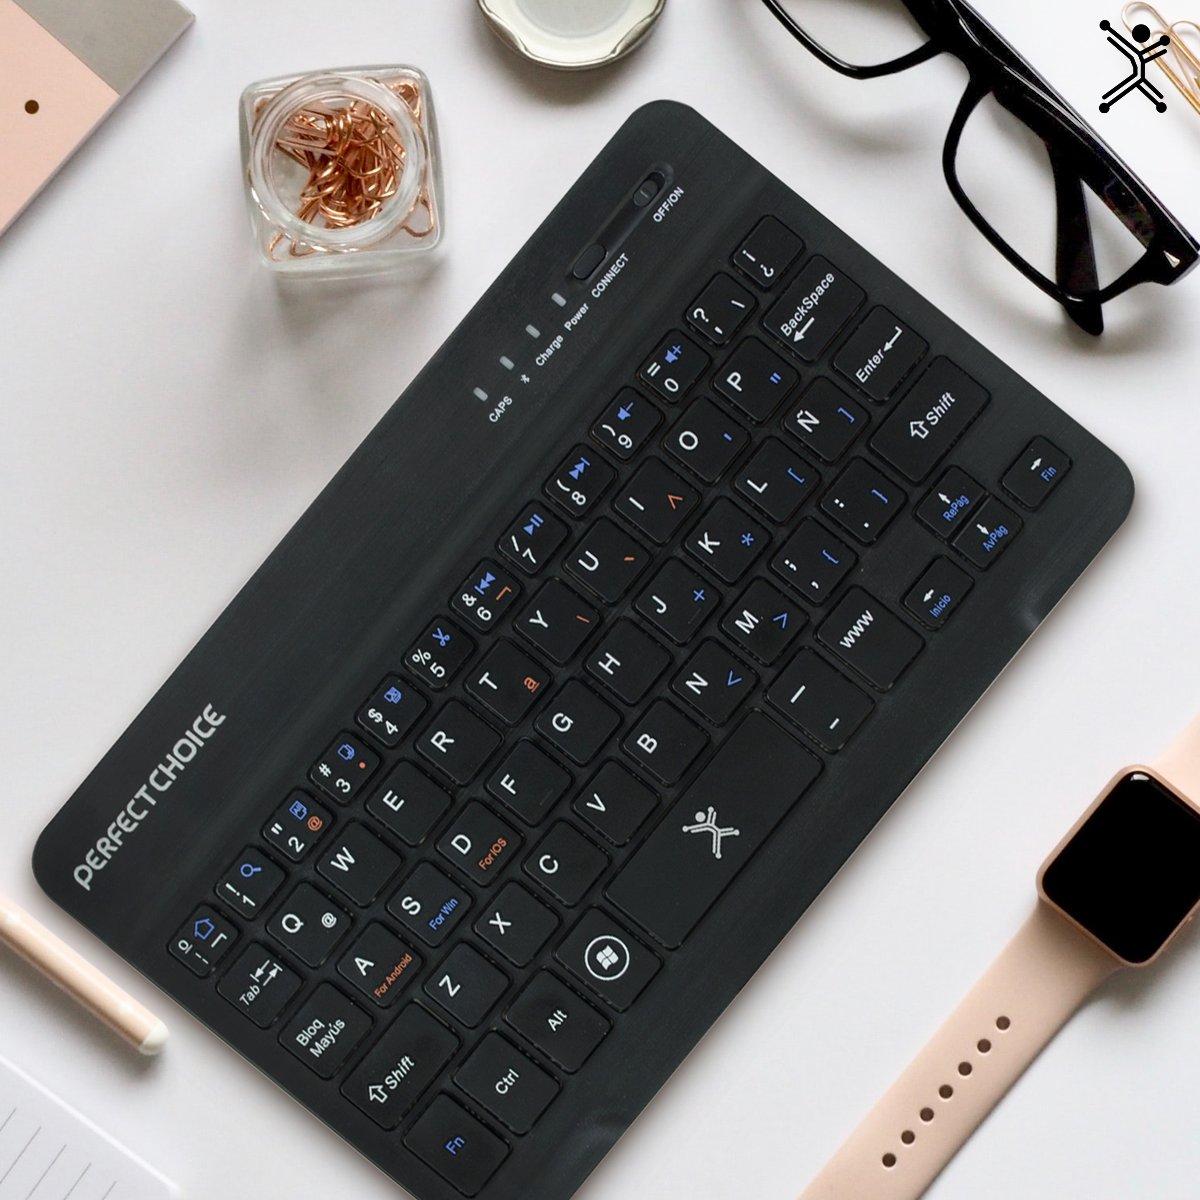 Mini teclado inalámbrico,  versión universal para iOS, Android y Windows.   Adquiérelo en nuestra tienda online: https://t.co/nKWZFSl7bs  #minikeybaord #bluetooth #android #ios #windows #keyboard https://t.co/P6luOiCz47